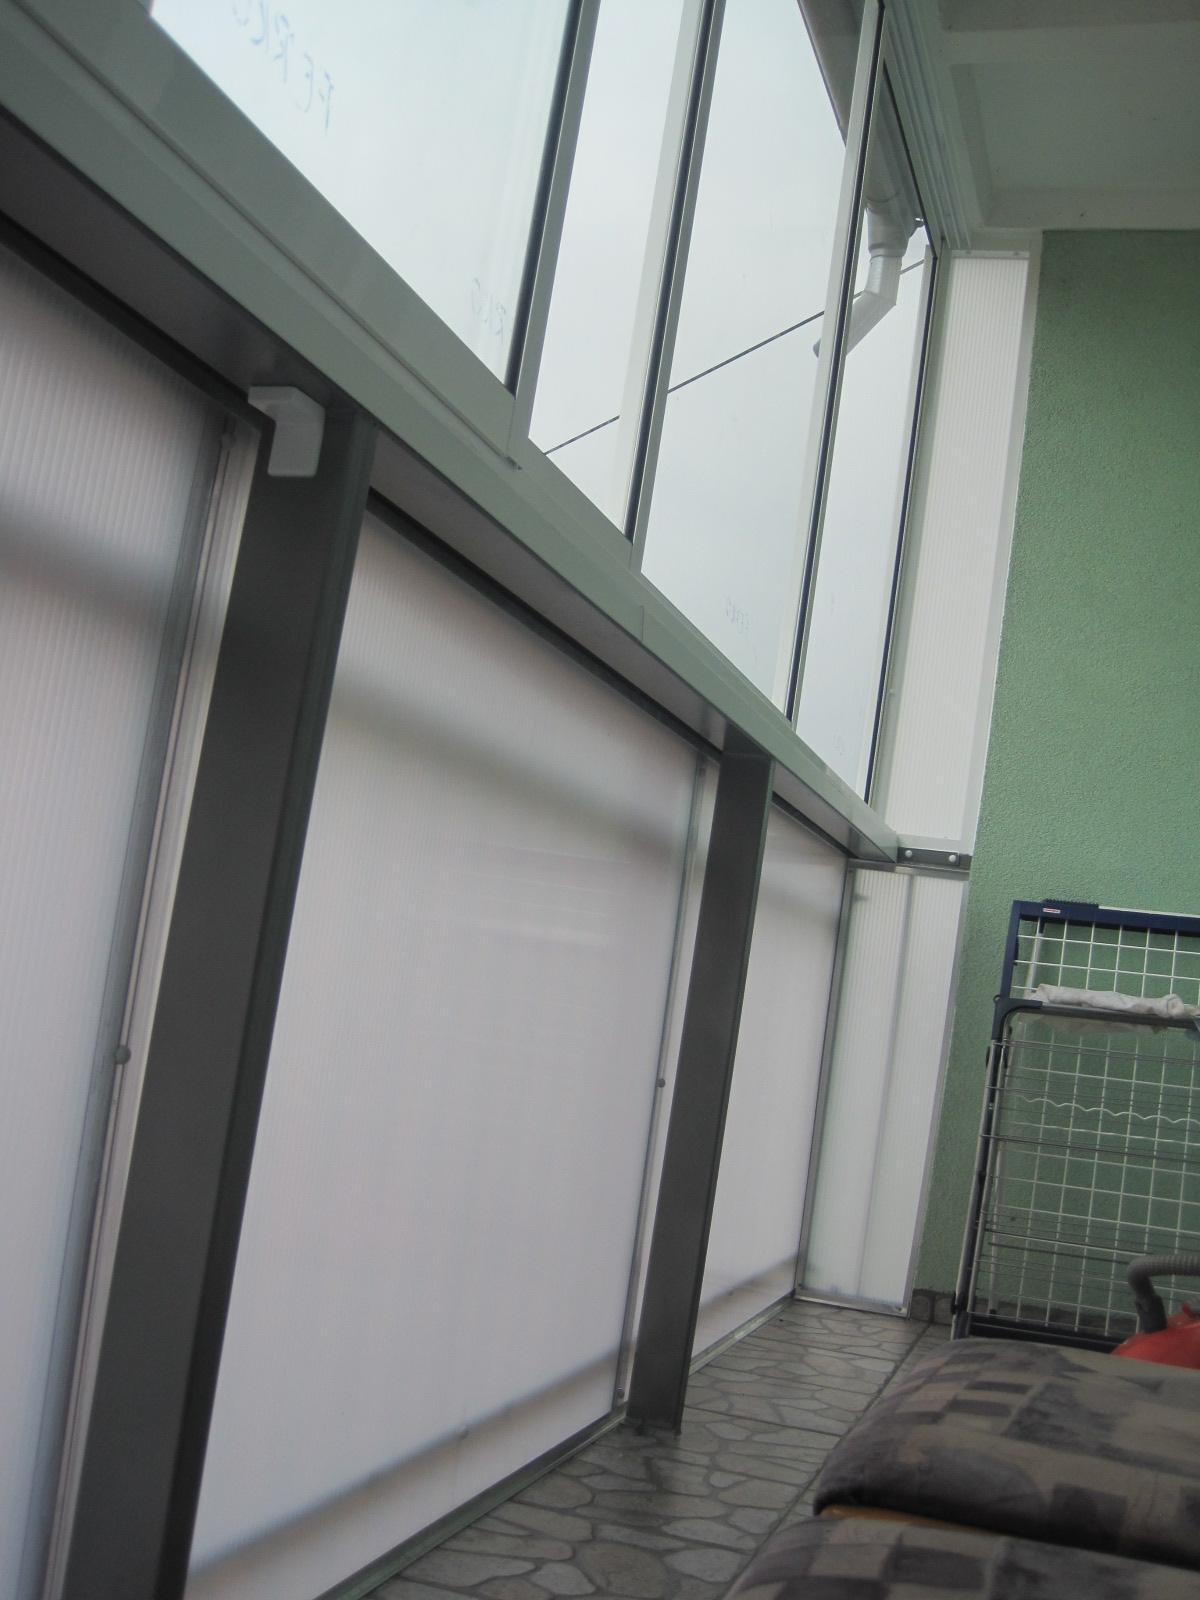 Balkonverglasung rahmen schiebesystem trencin pifema s r o - Trennwand schiebesystem ...